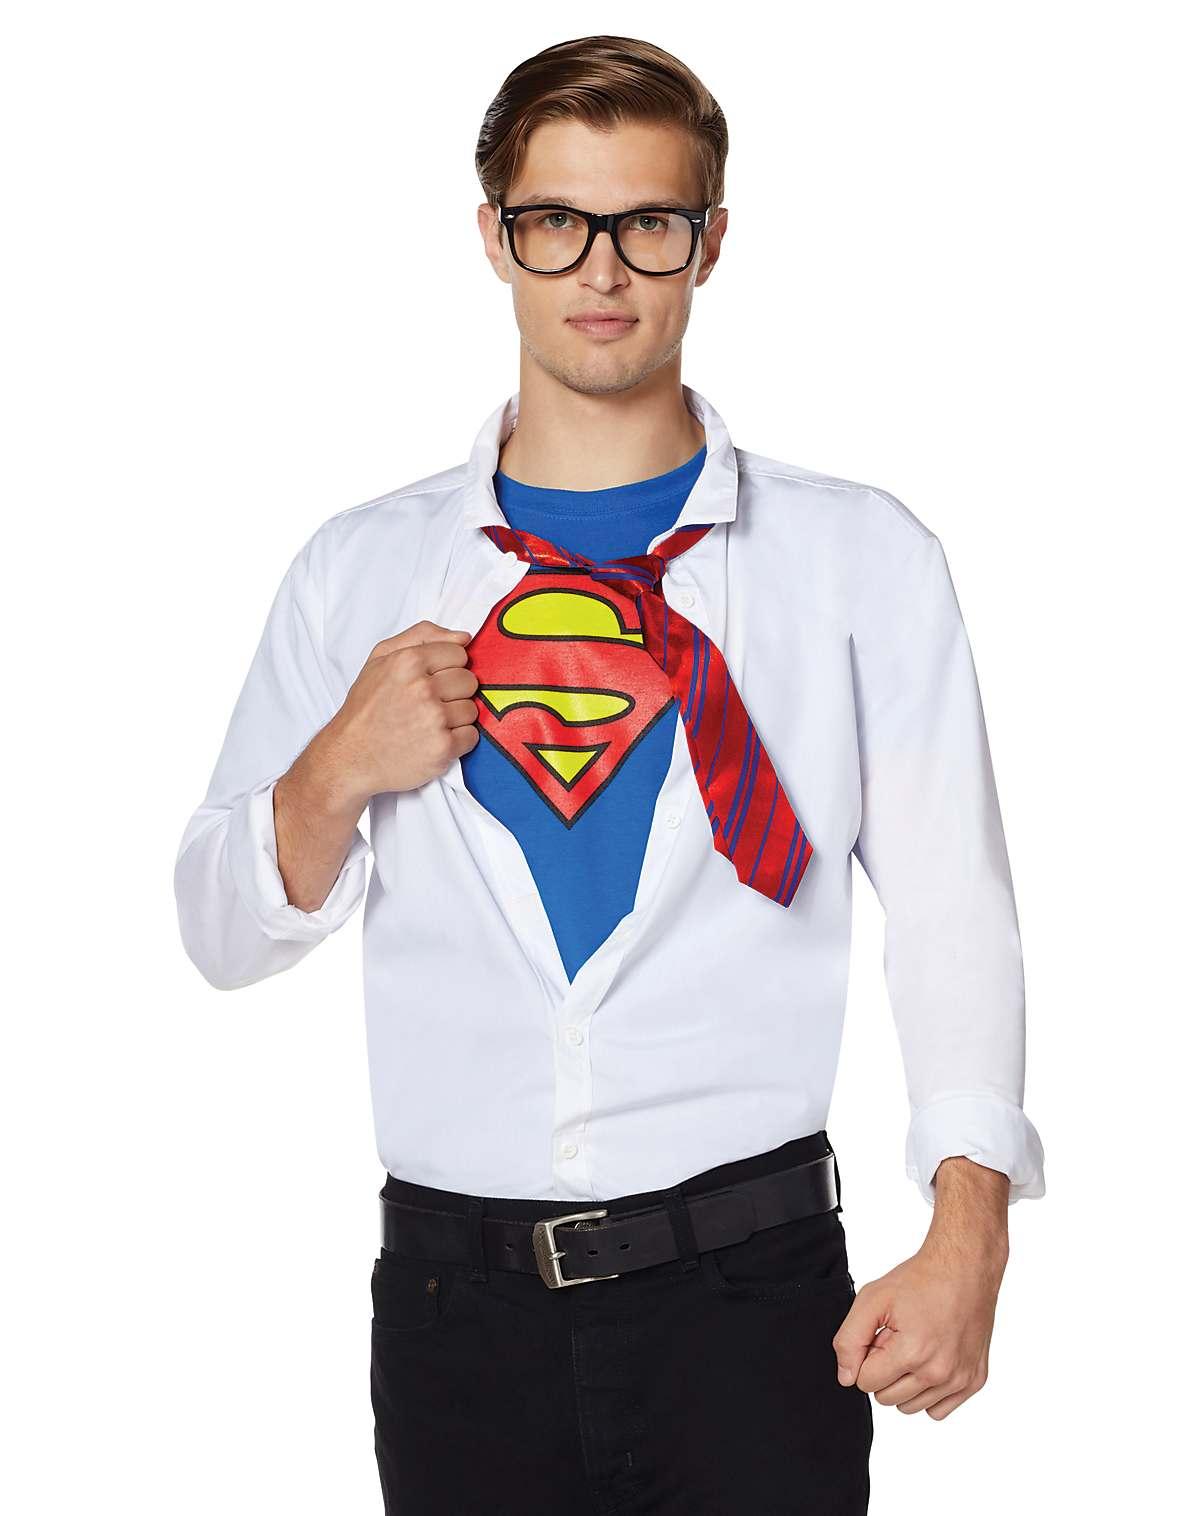 Superman Costume Kit